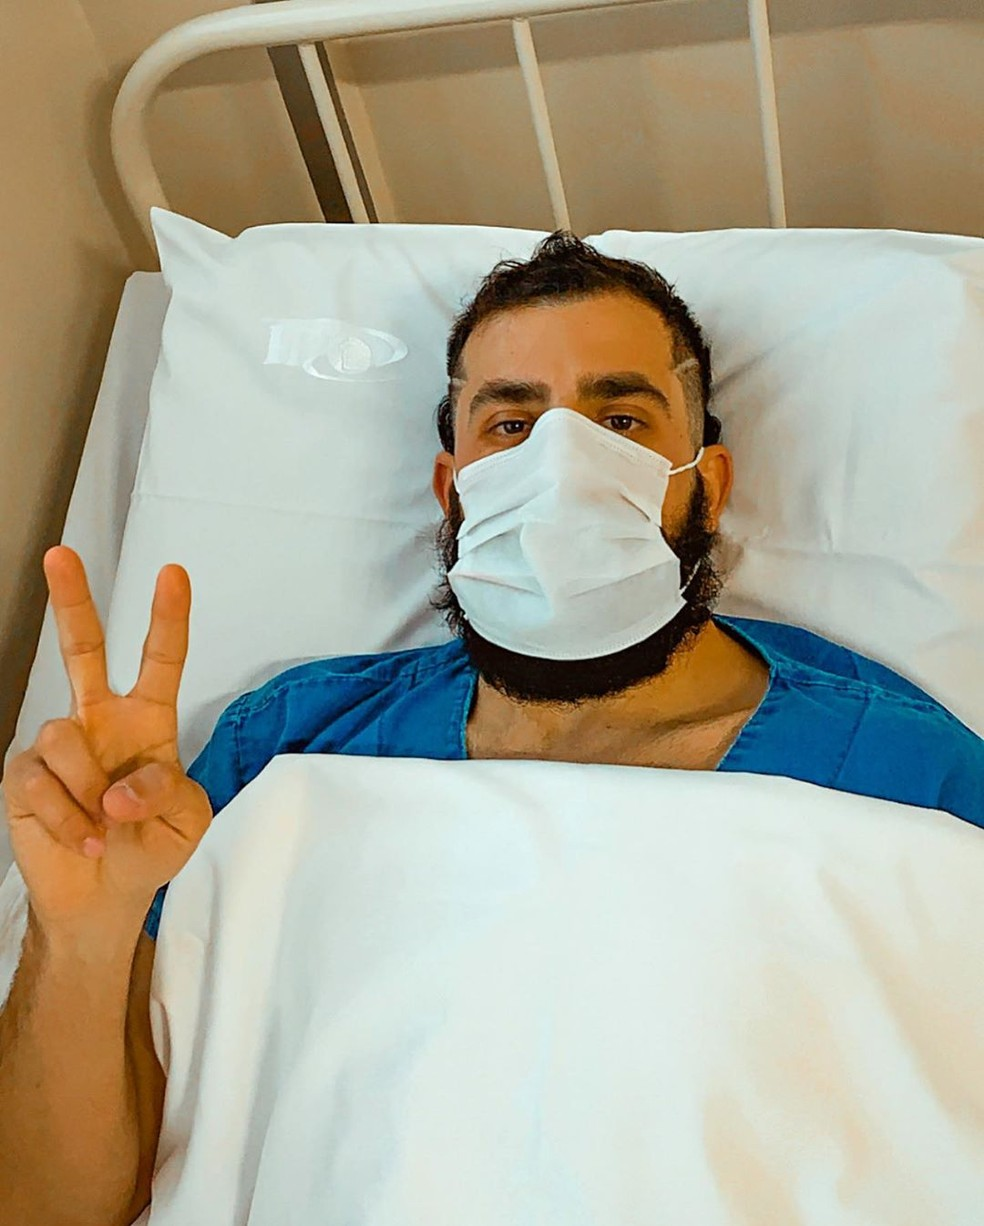 Kaysar Dadour passa por cirurgia e tranquiliza fãs — Foto: Reprodução/Instagram